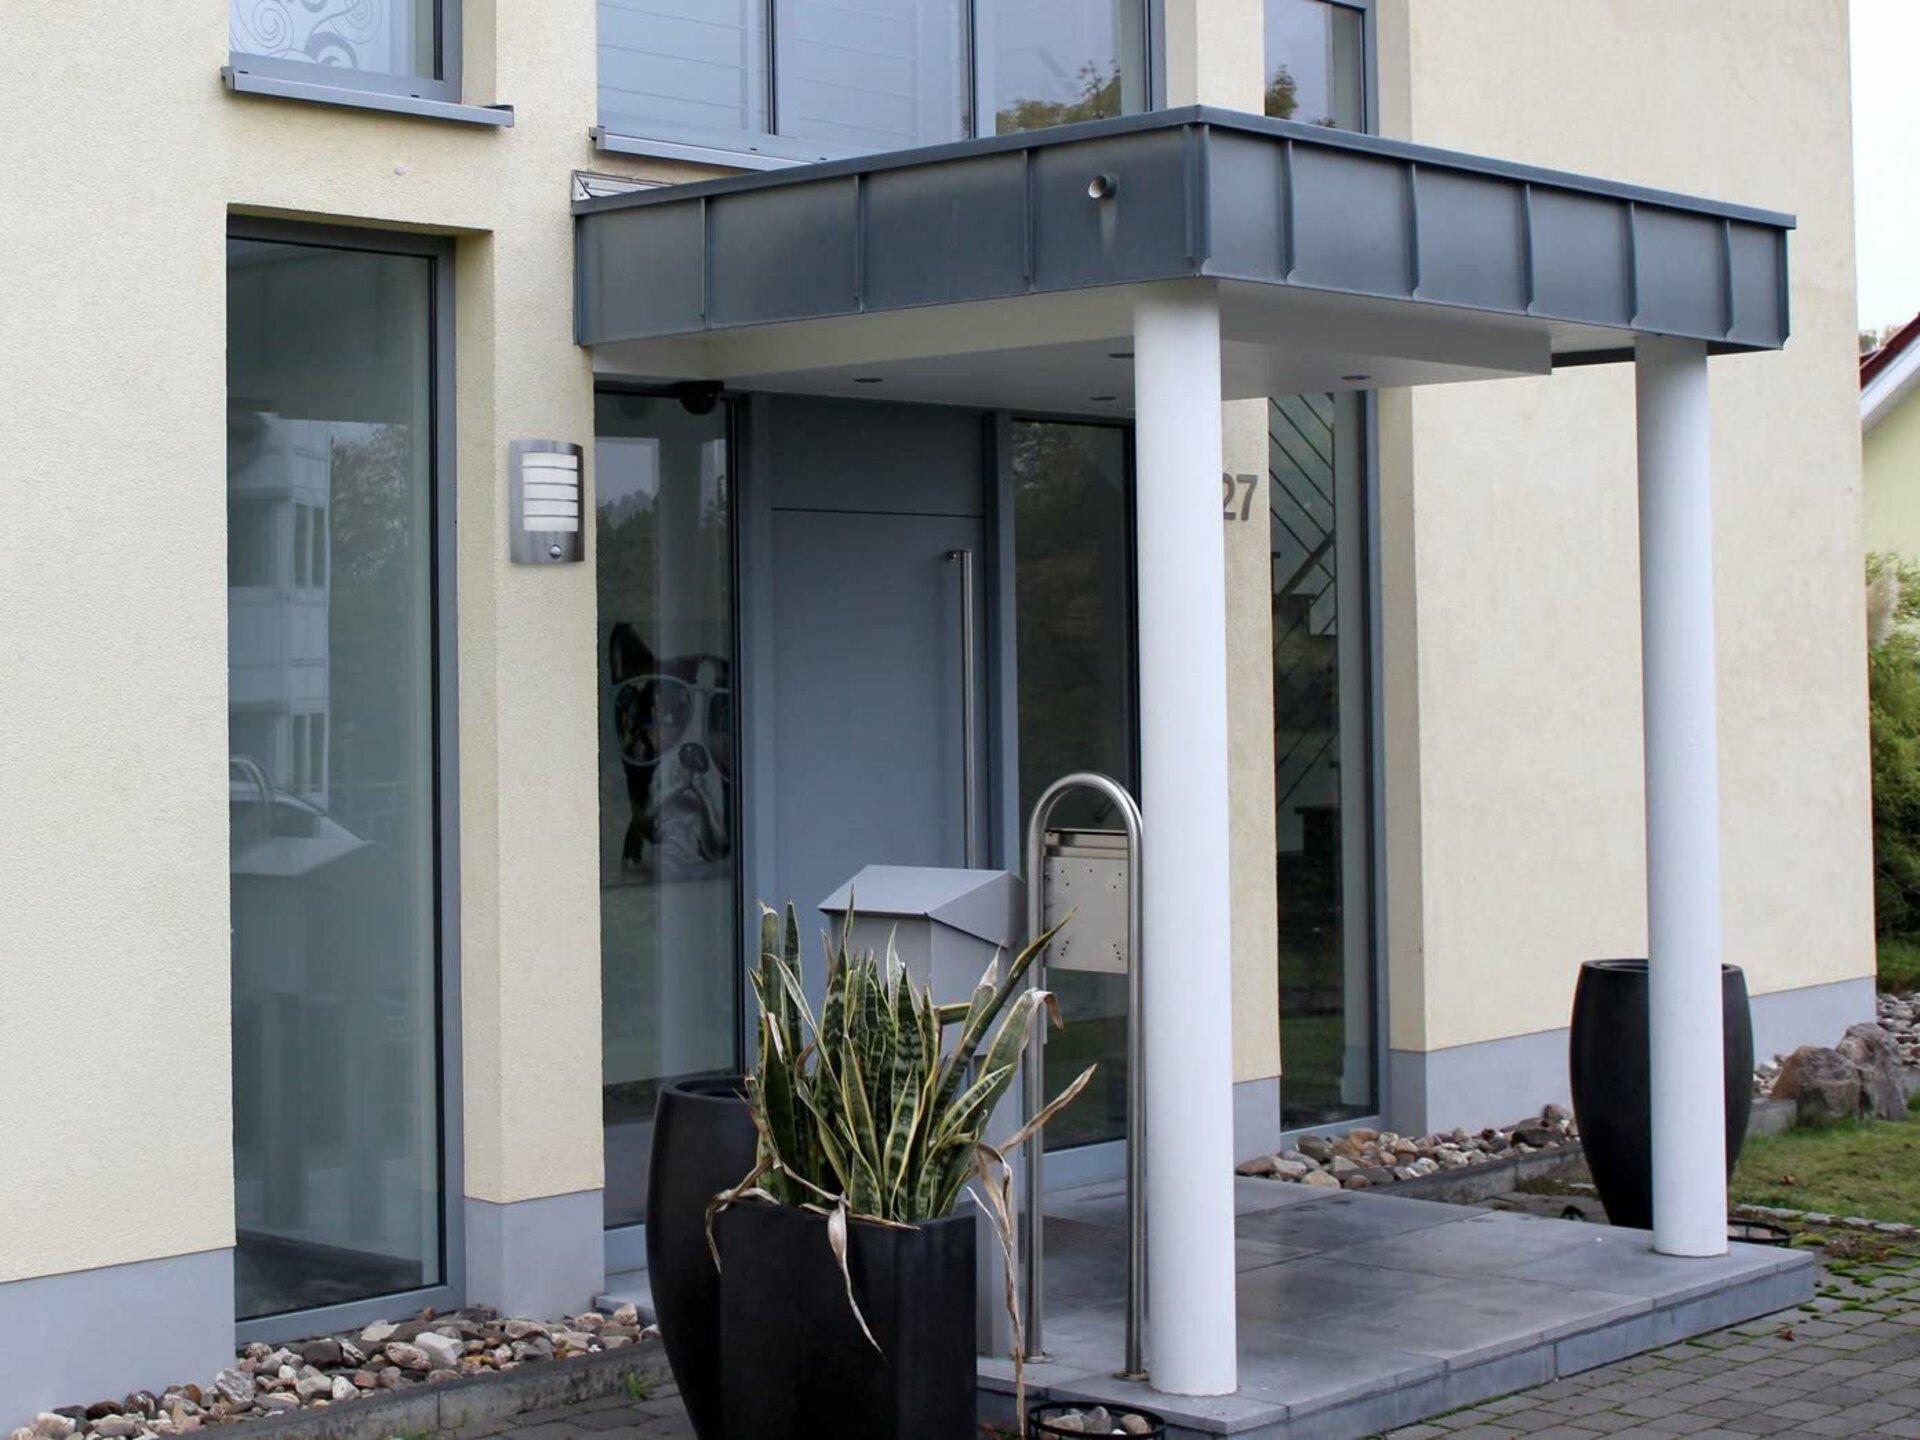 Wand-Aussenleuchte Slim Eco-Light Metall 18 x 27 x 6 cm